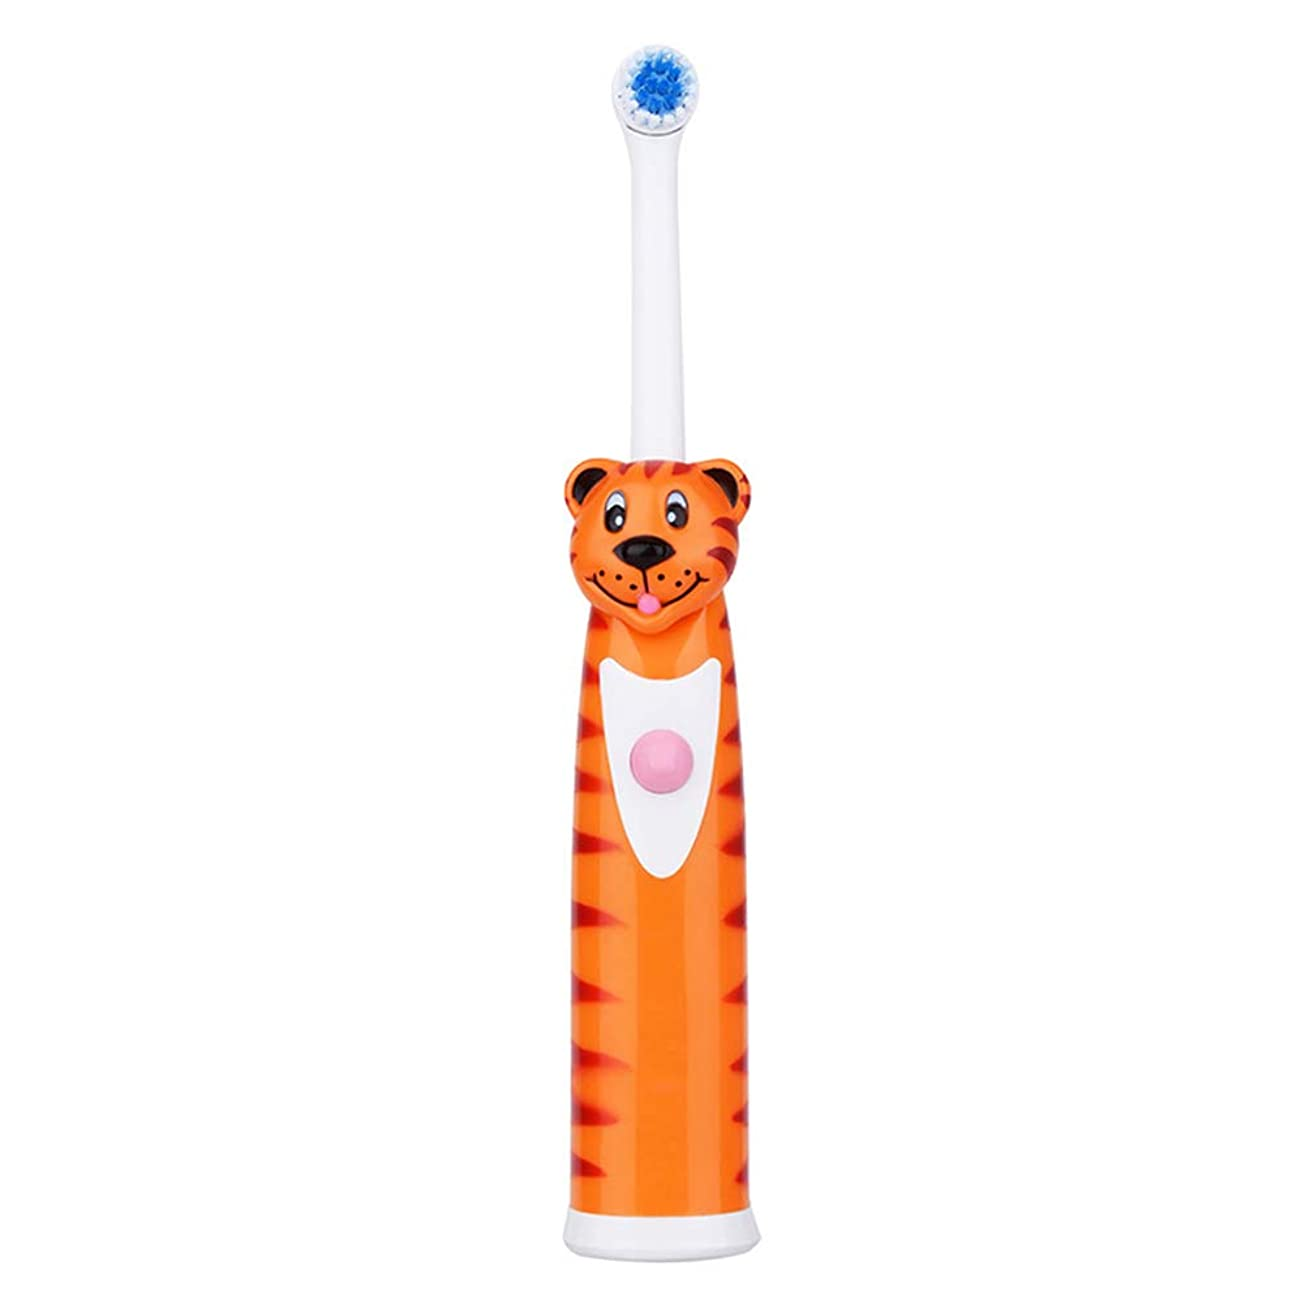 歯科治療の電動歯ブラシ4つのブラシヘッドと再充電可能電池式の歯ブラシの口頭衛生の歯ブラシ,2